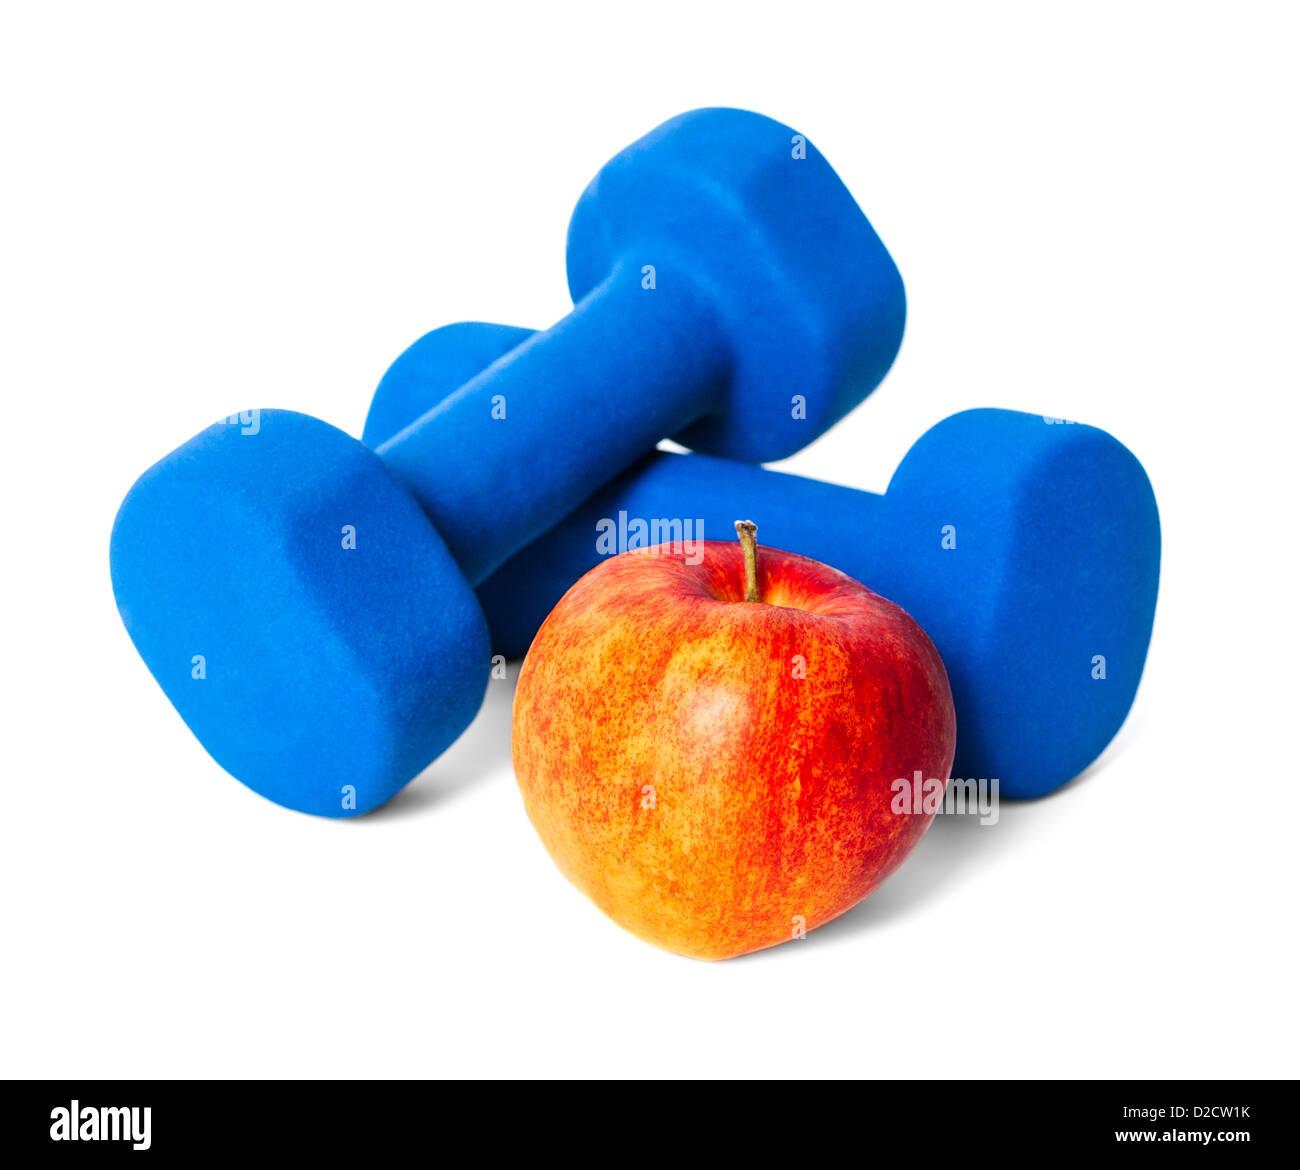 игра гантельки яблочки картинка первого слова или